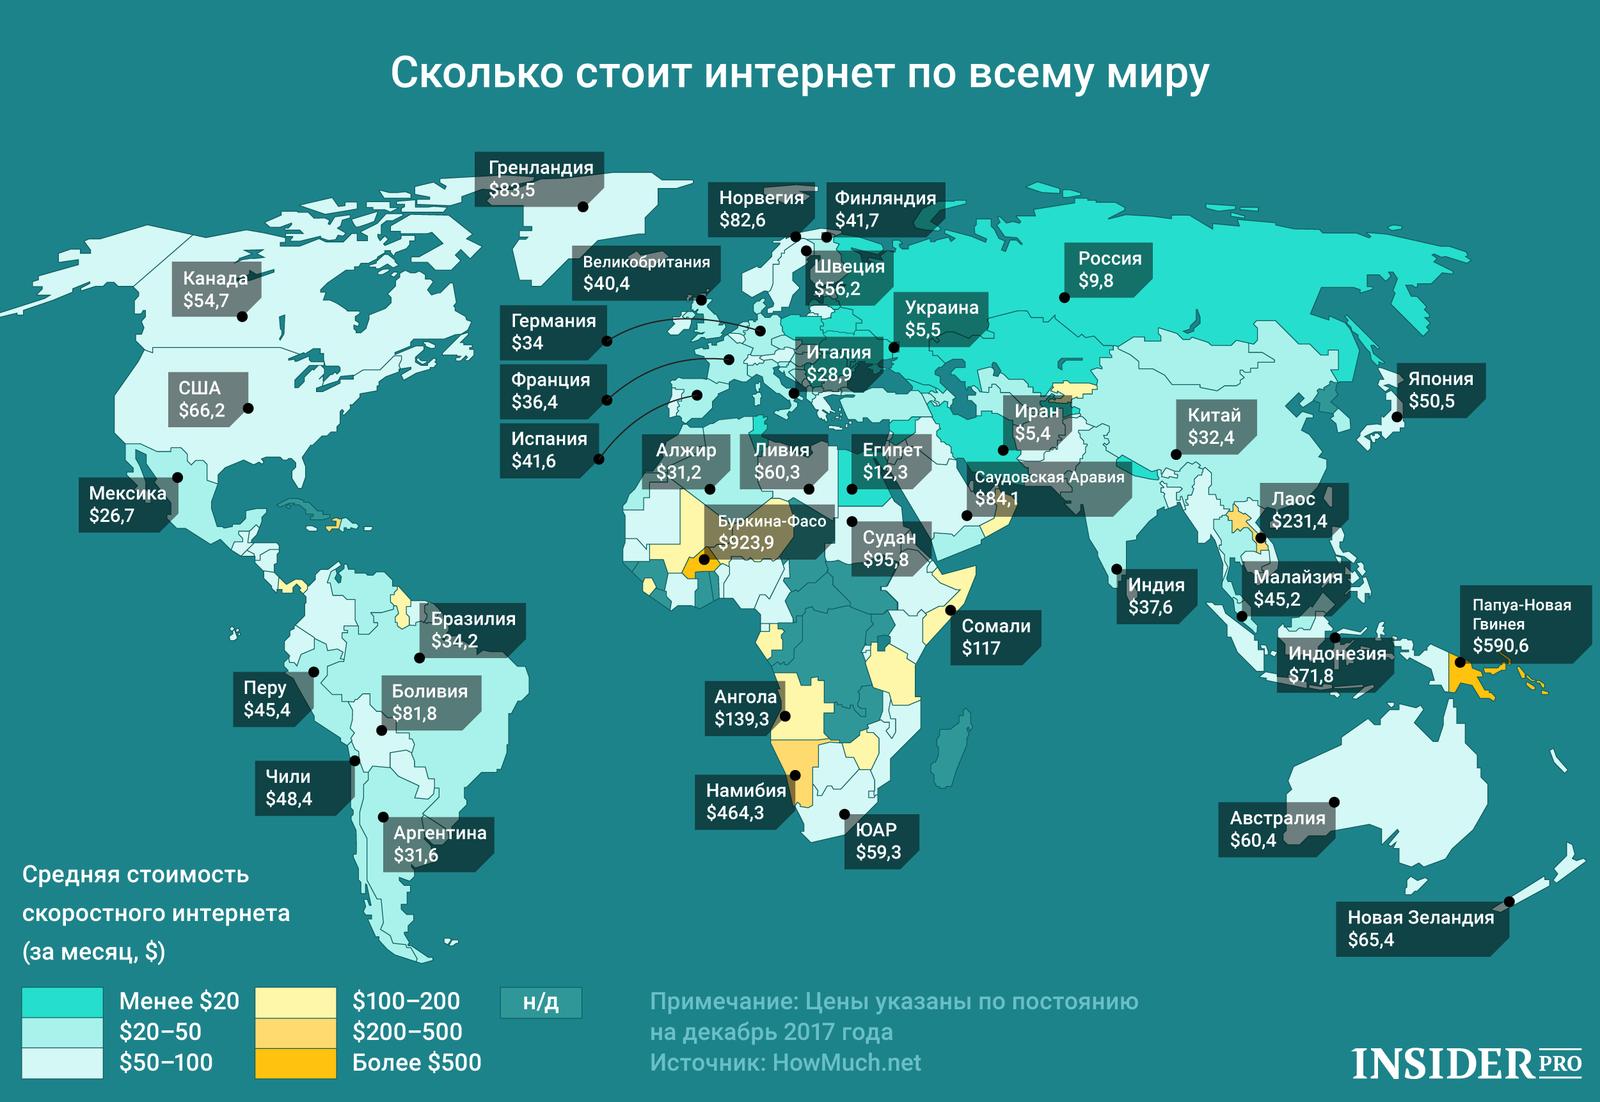 стоимость интернета по всему миру